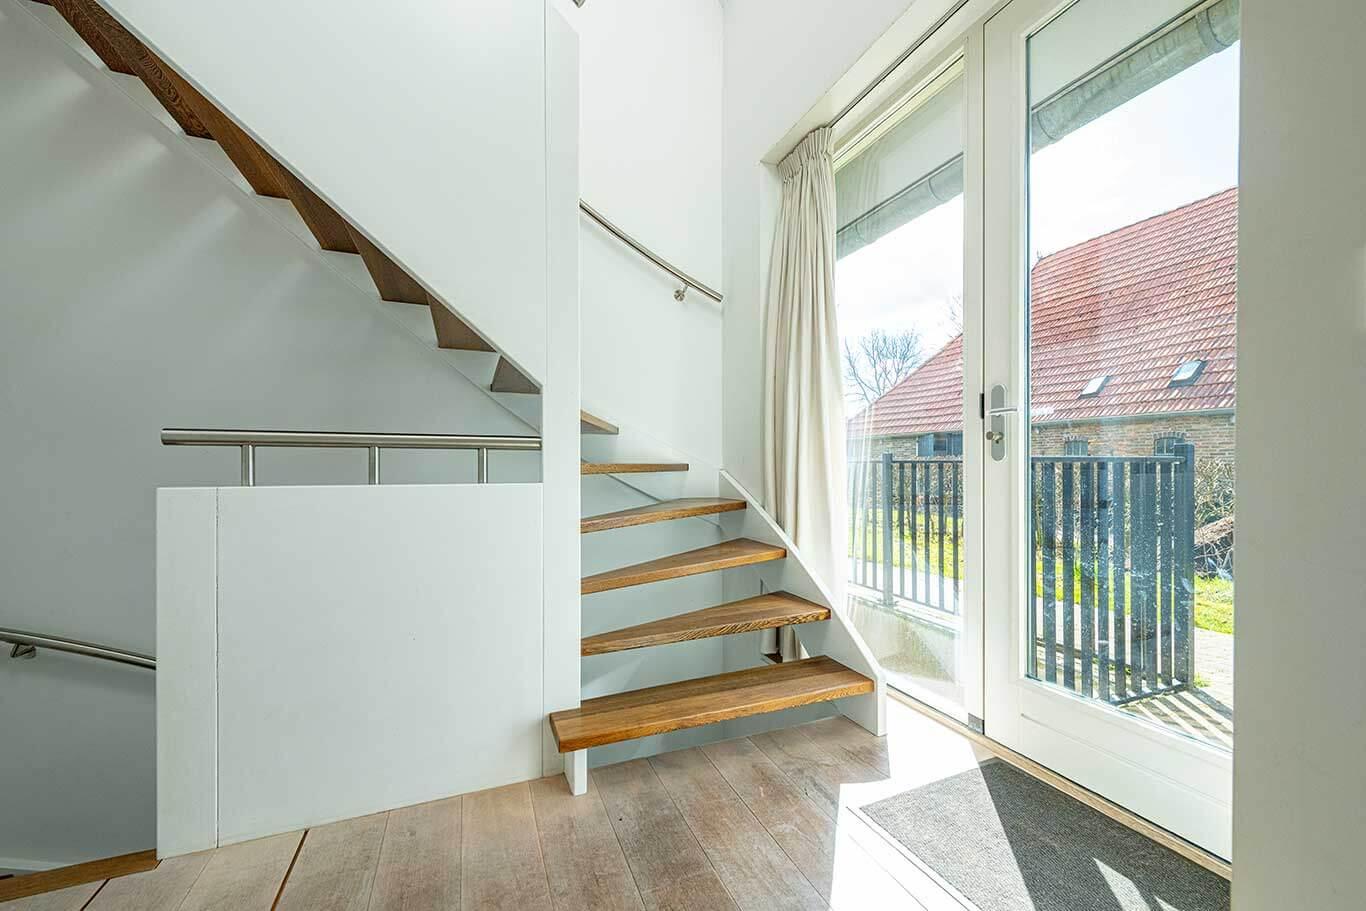 hesselmann-oldeberkoop-woonhuis-interieur-4.jpg